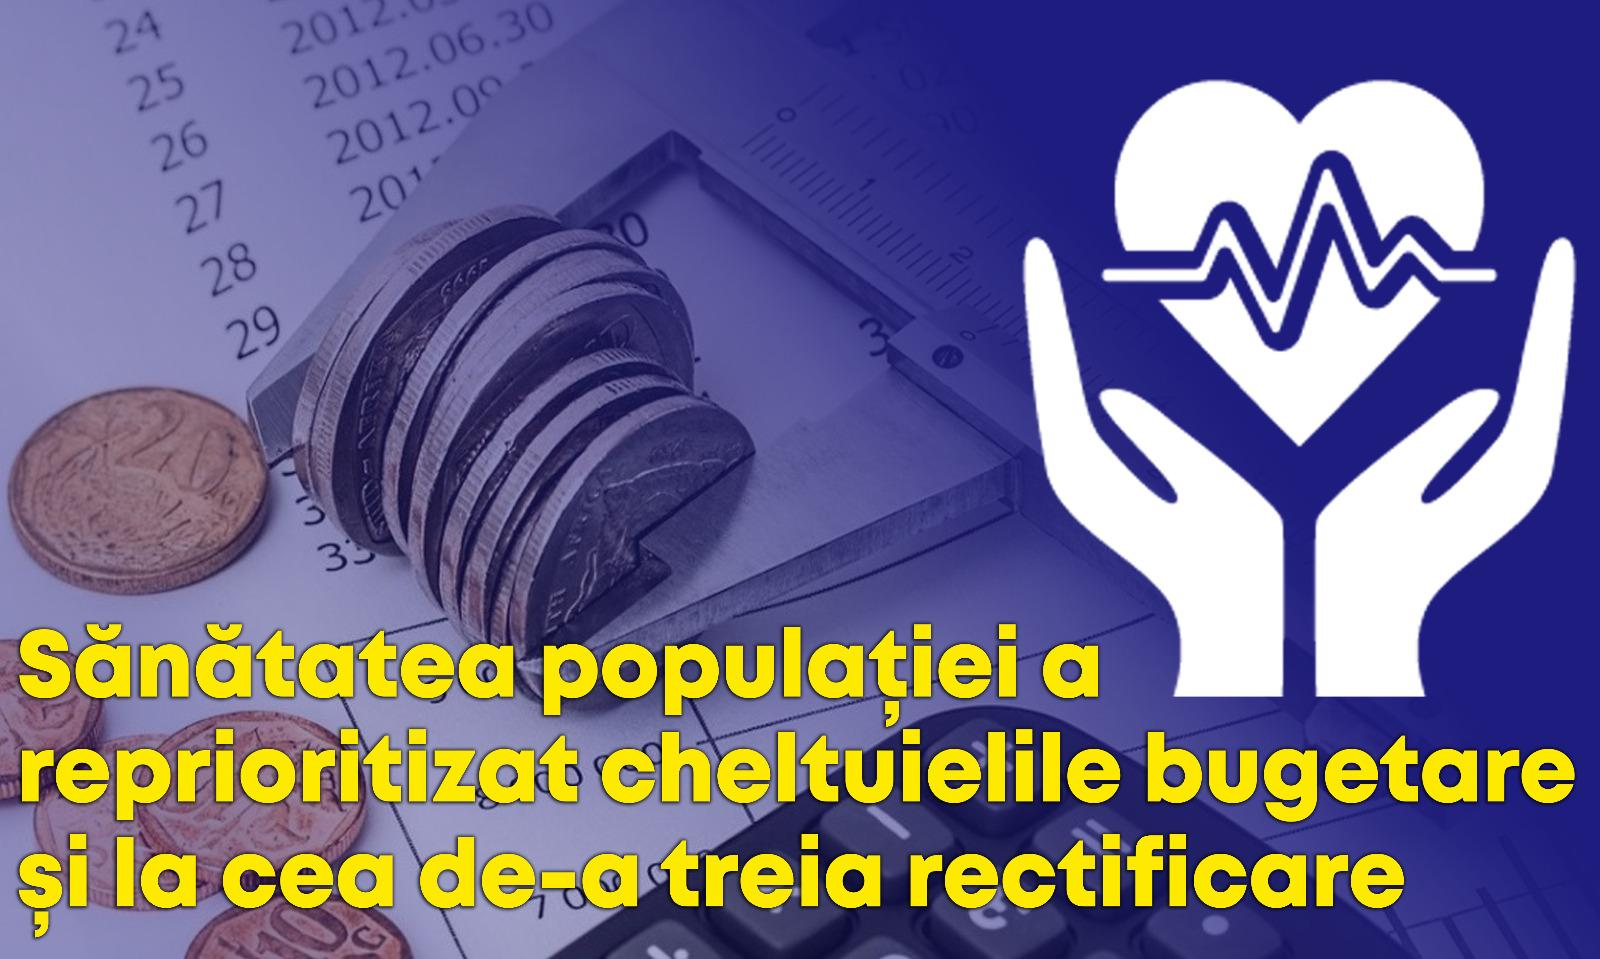 Sănătatea populației a reprioritizat cheltuielile bugetare și